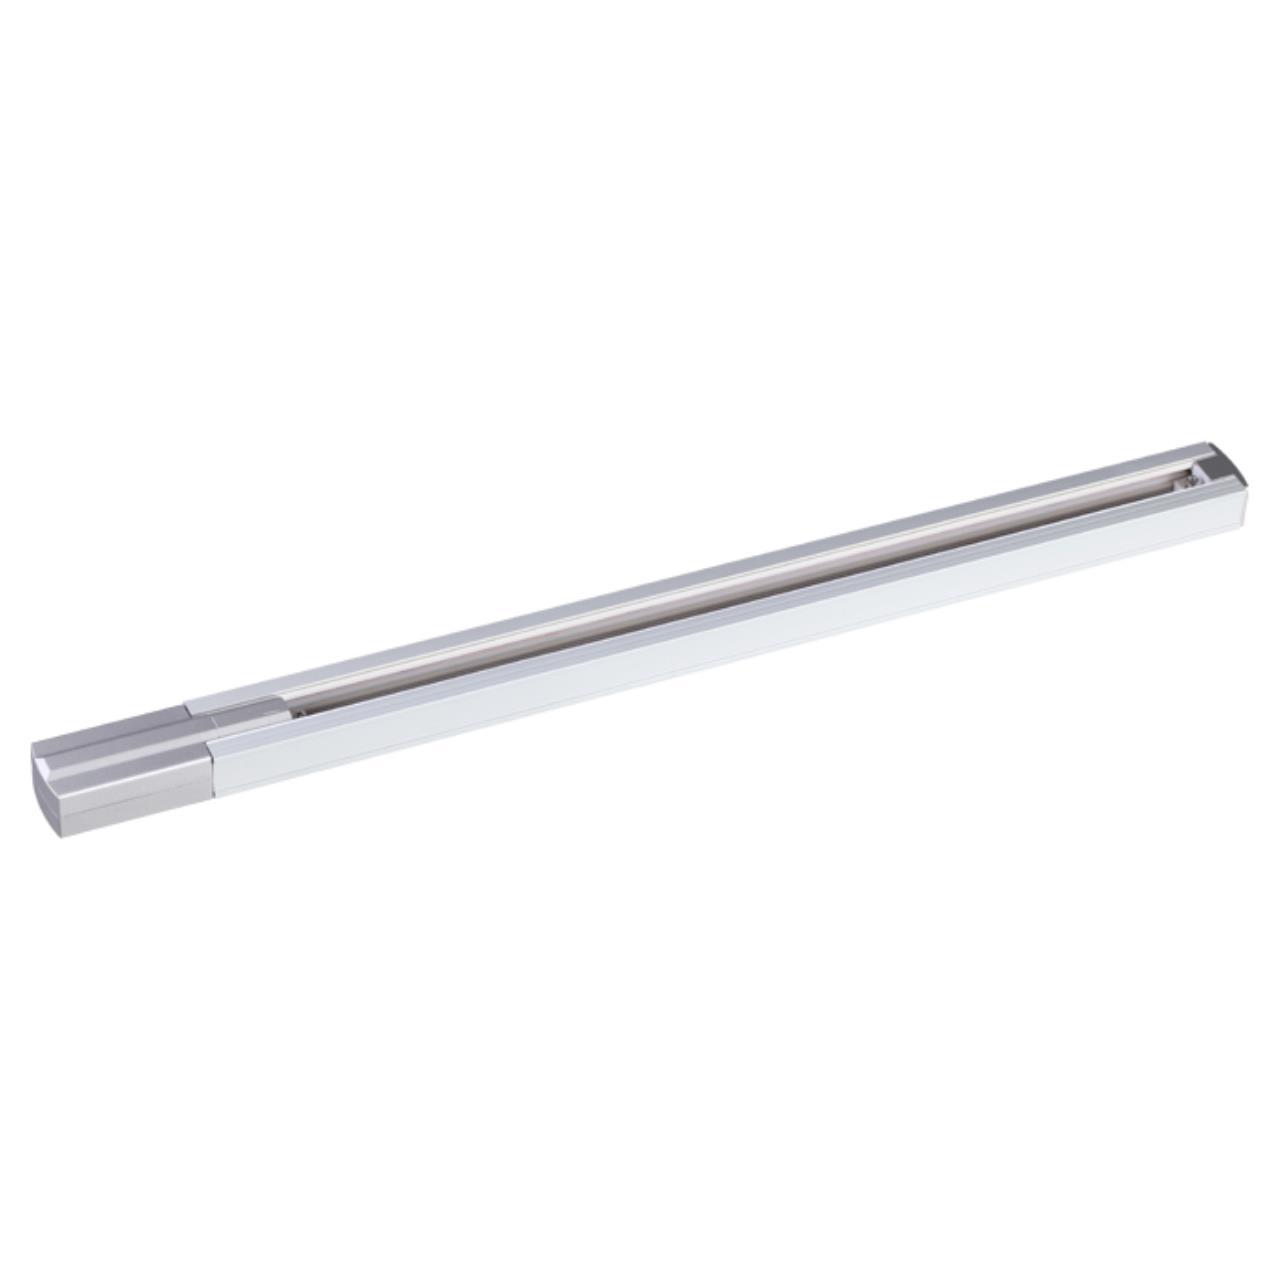 135079 PORT NT19 016 алюминий Однофазный шинопровод с токопроводом и заглушкой, 1м IP20 220V